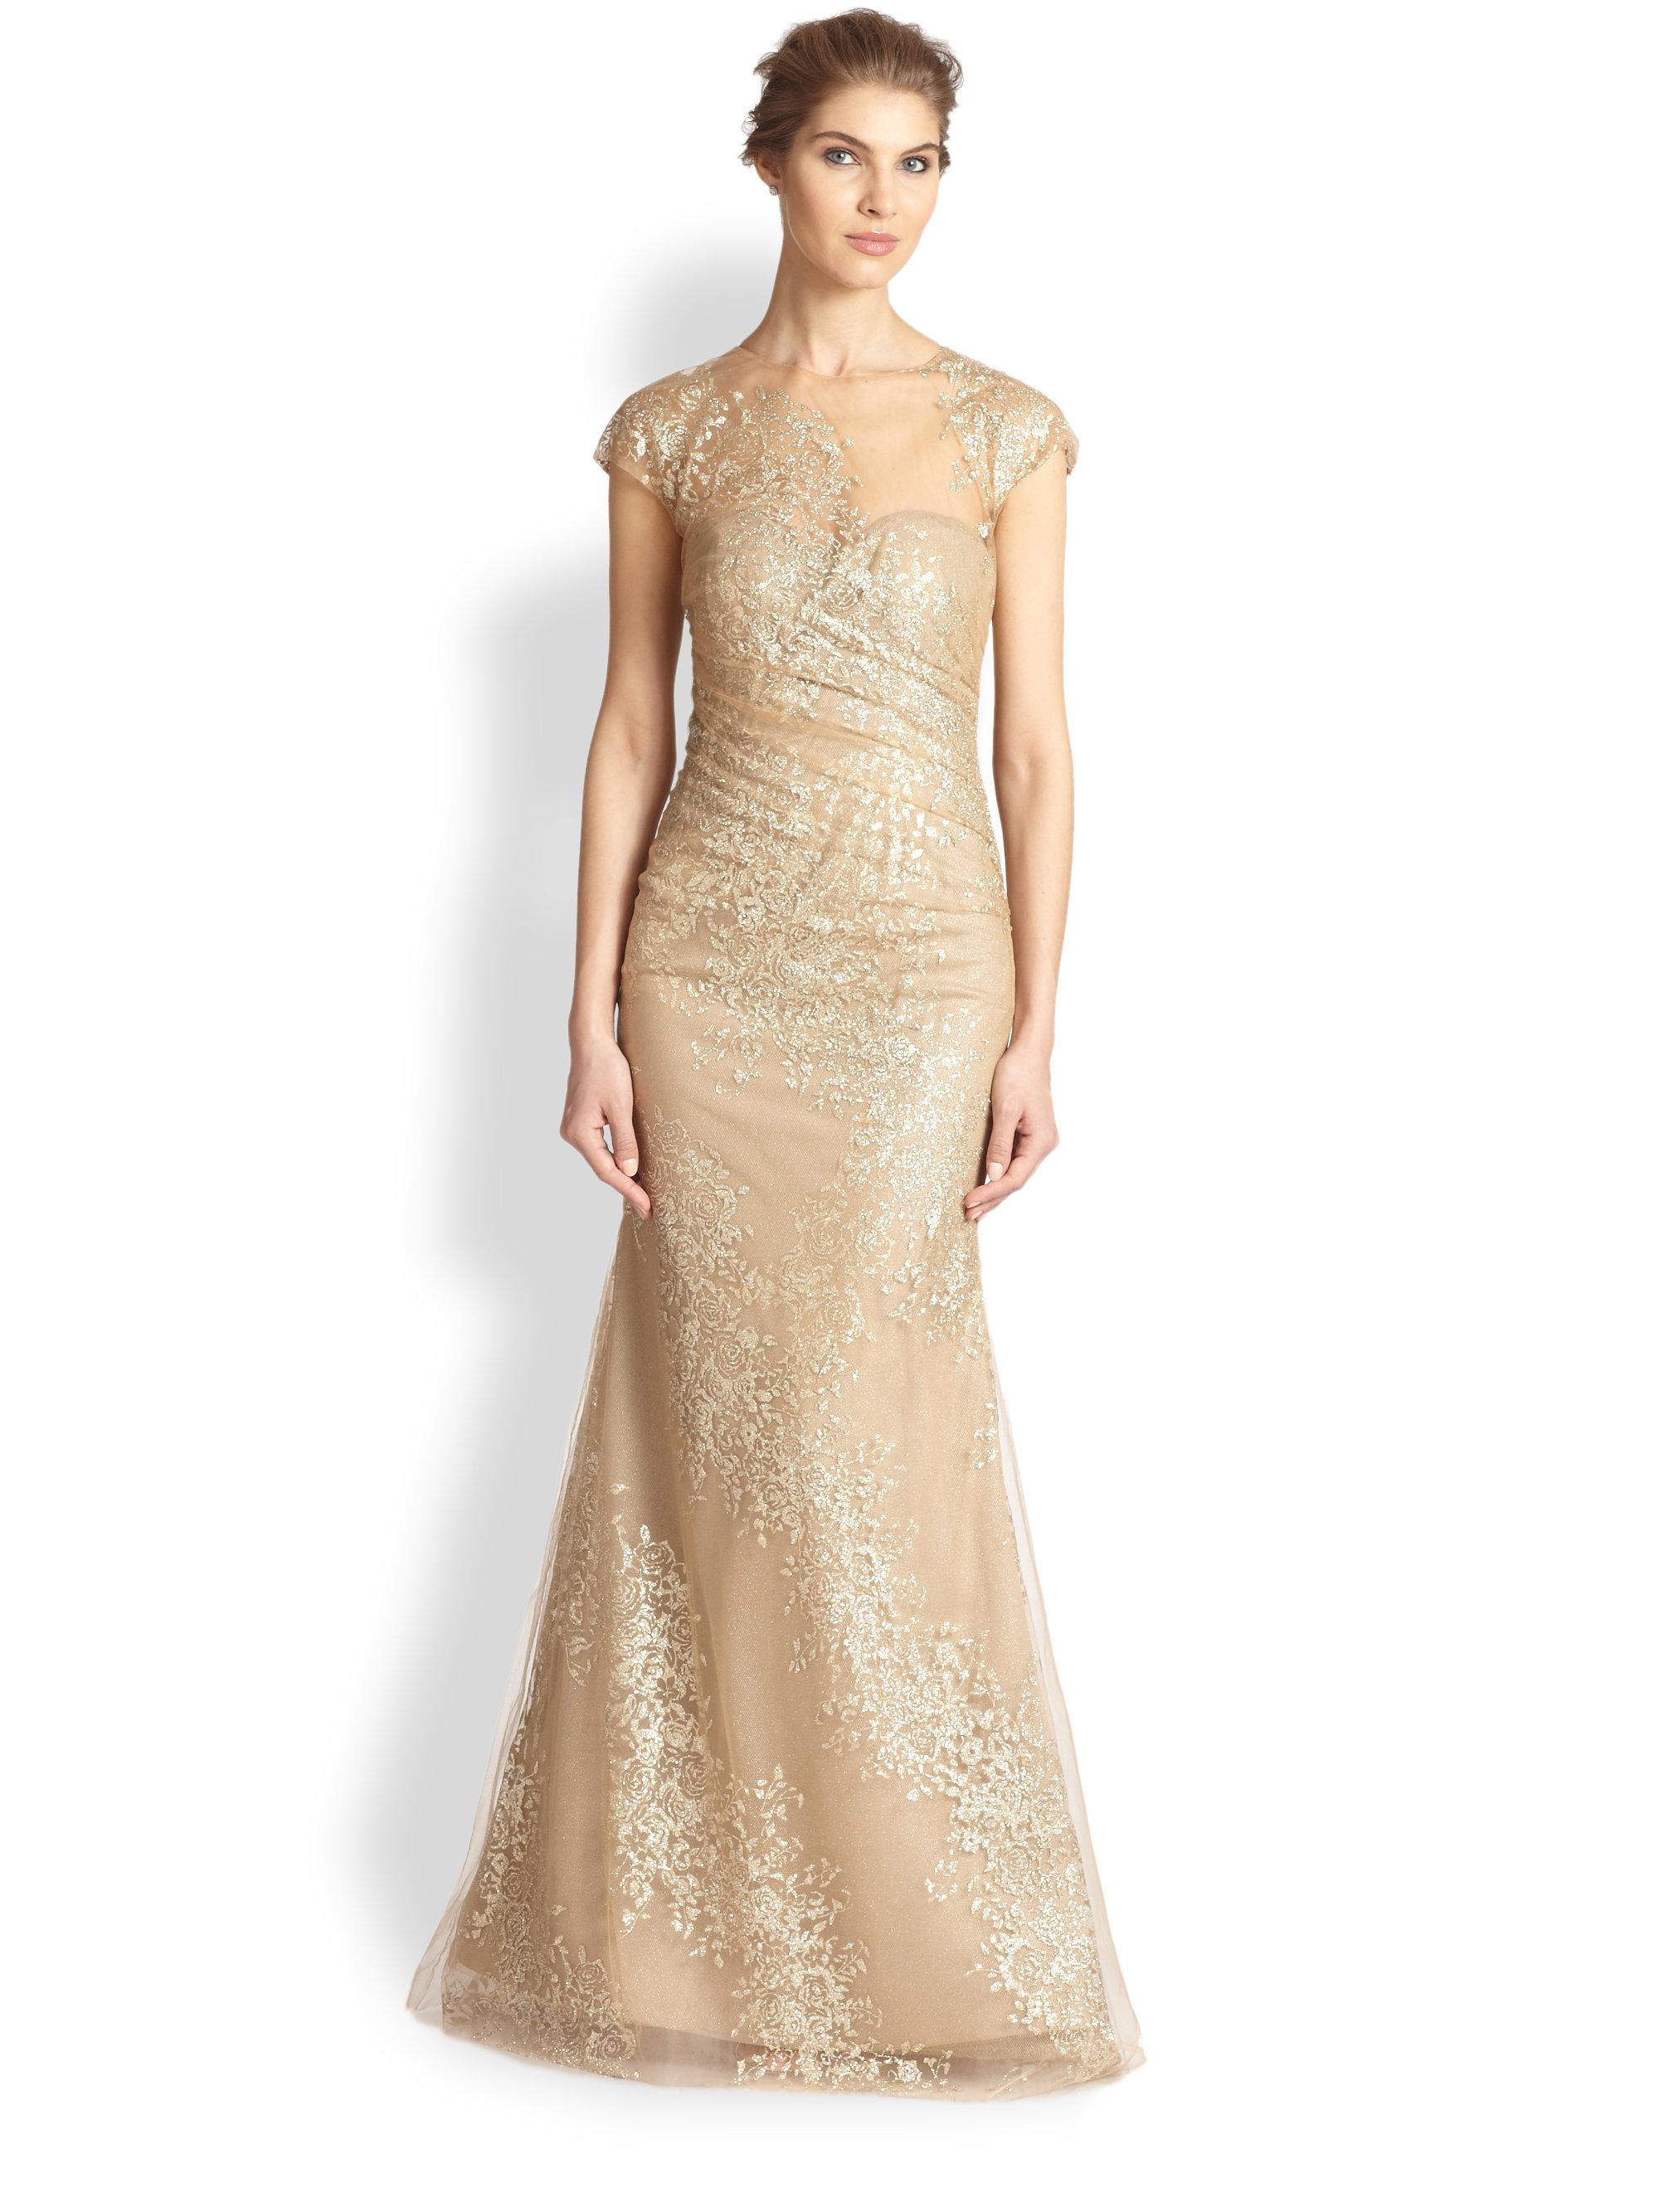 Lyst - Rene Ruiz Sequined Organza Gown in Metallic